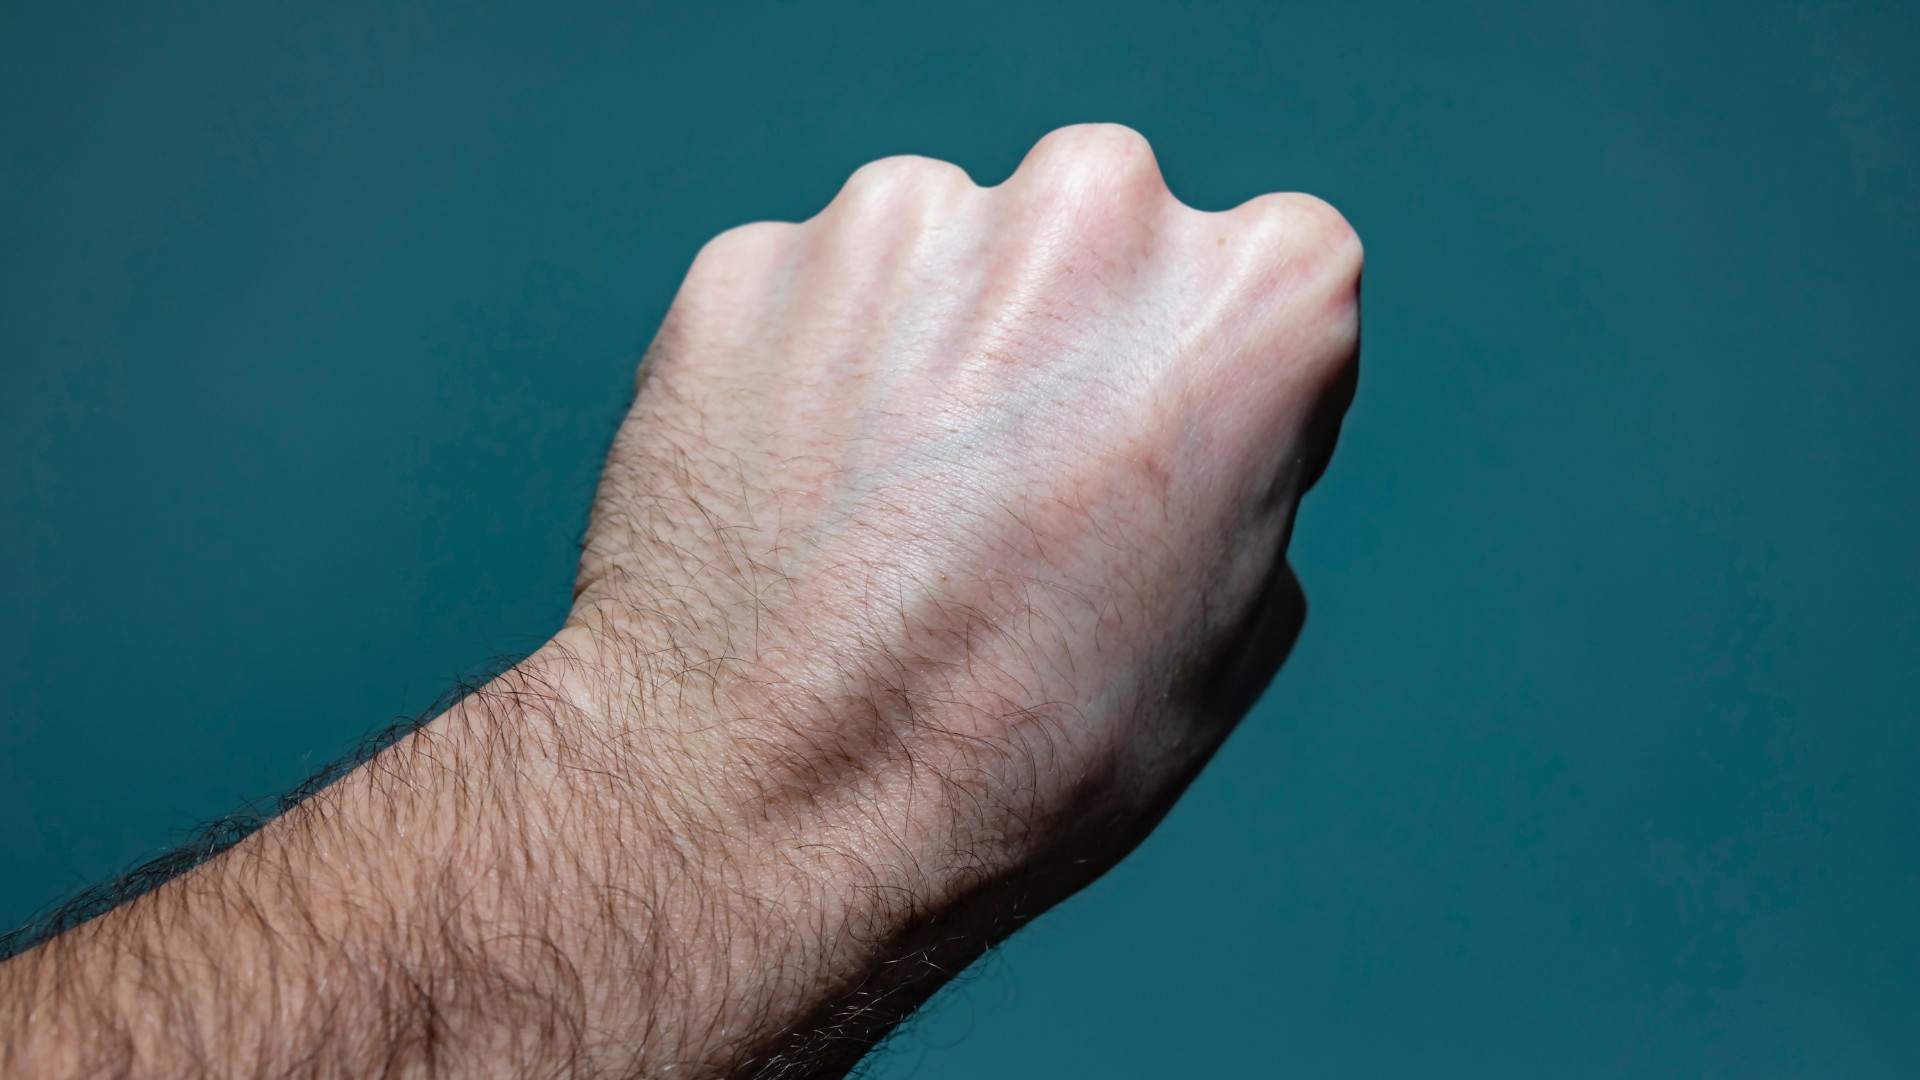 guzek na dłoni